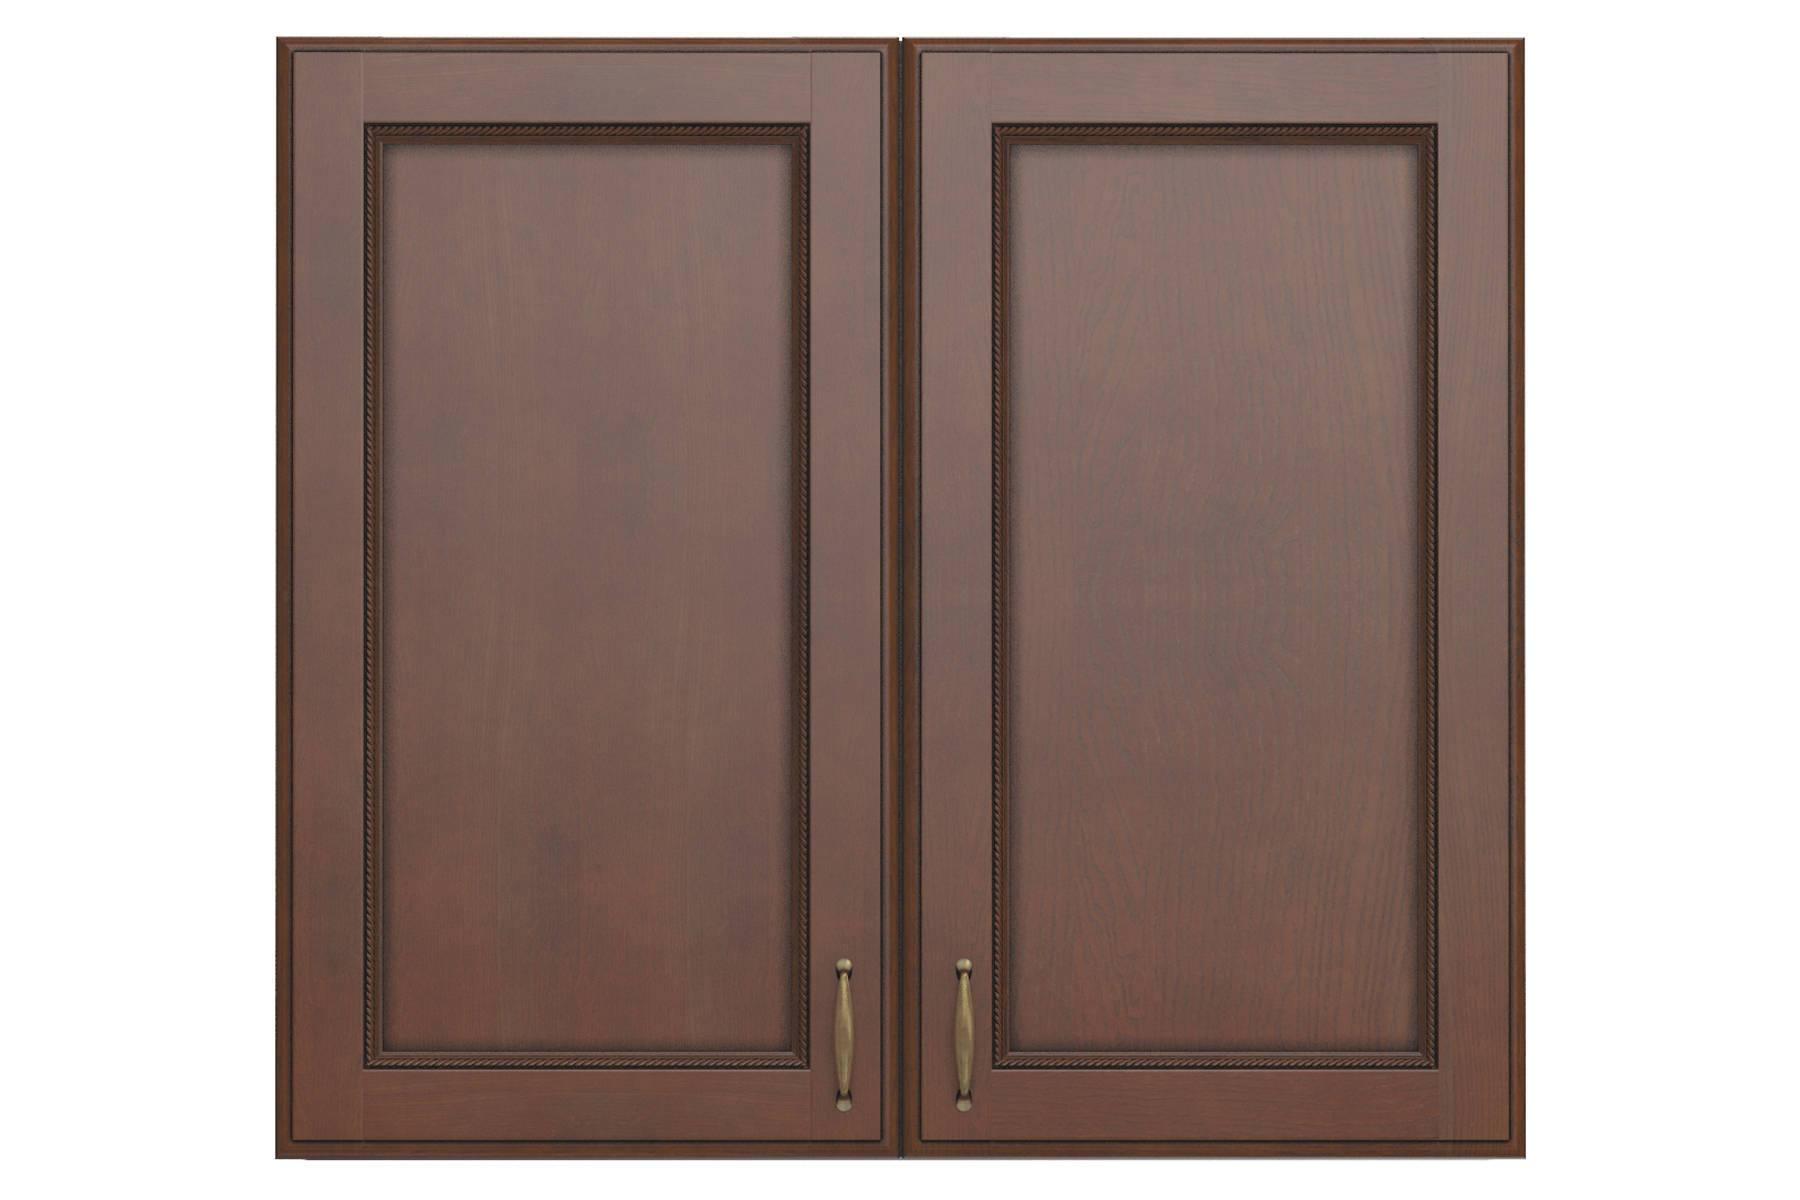 Эмилия шкаф навесной с 2 фасадами mymilly с 2 фасадами 90 см пони